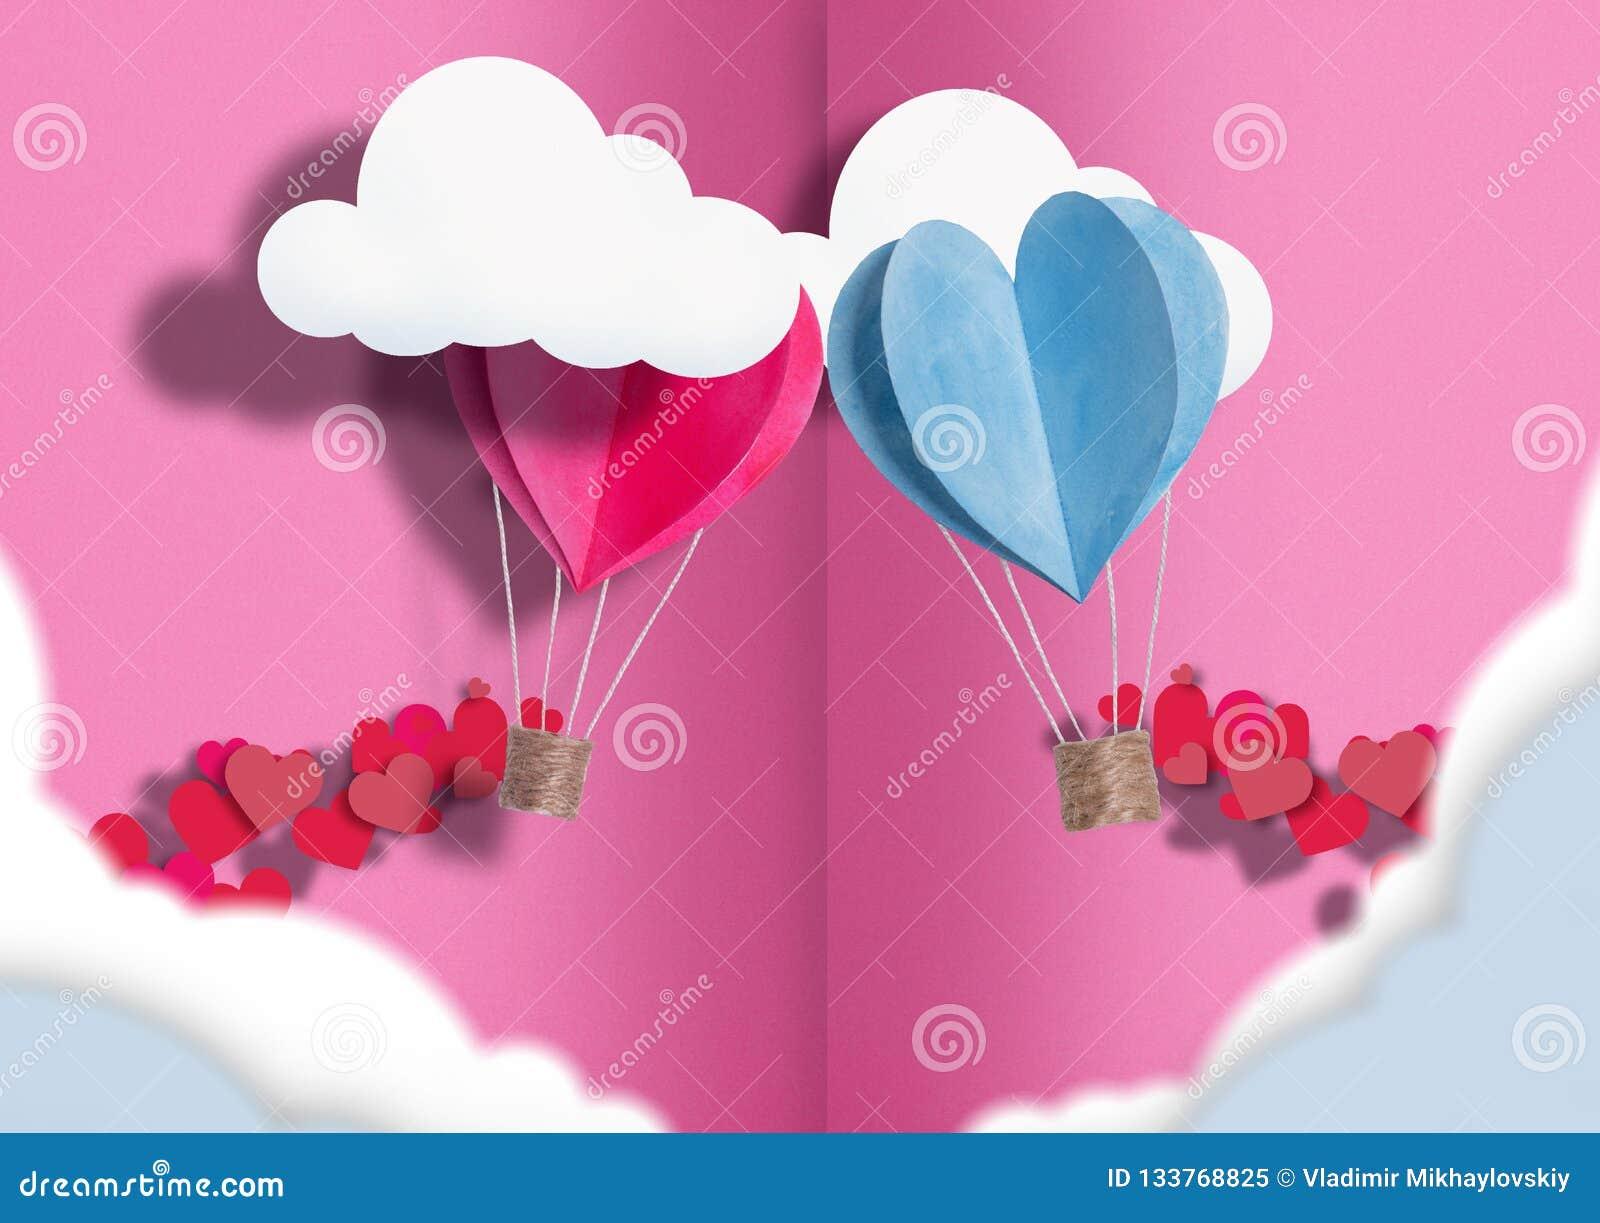 Illustration till vännerna för dag allra ballonger av blått och rosa sprids runt om dem små hjärtor